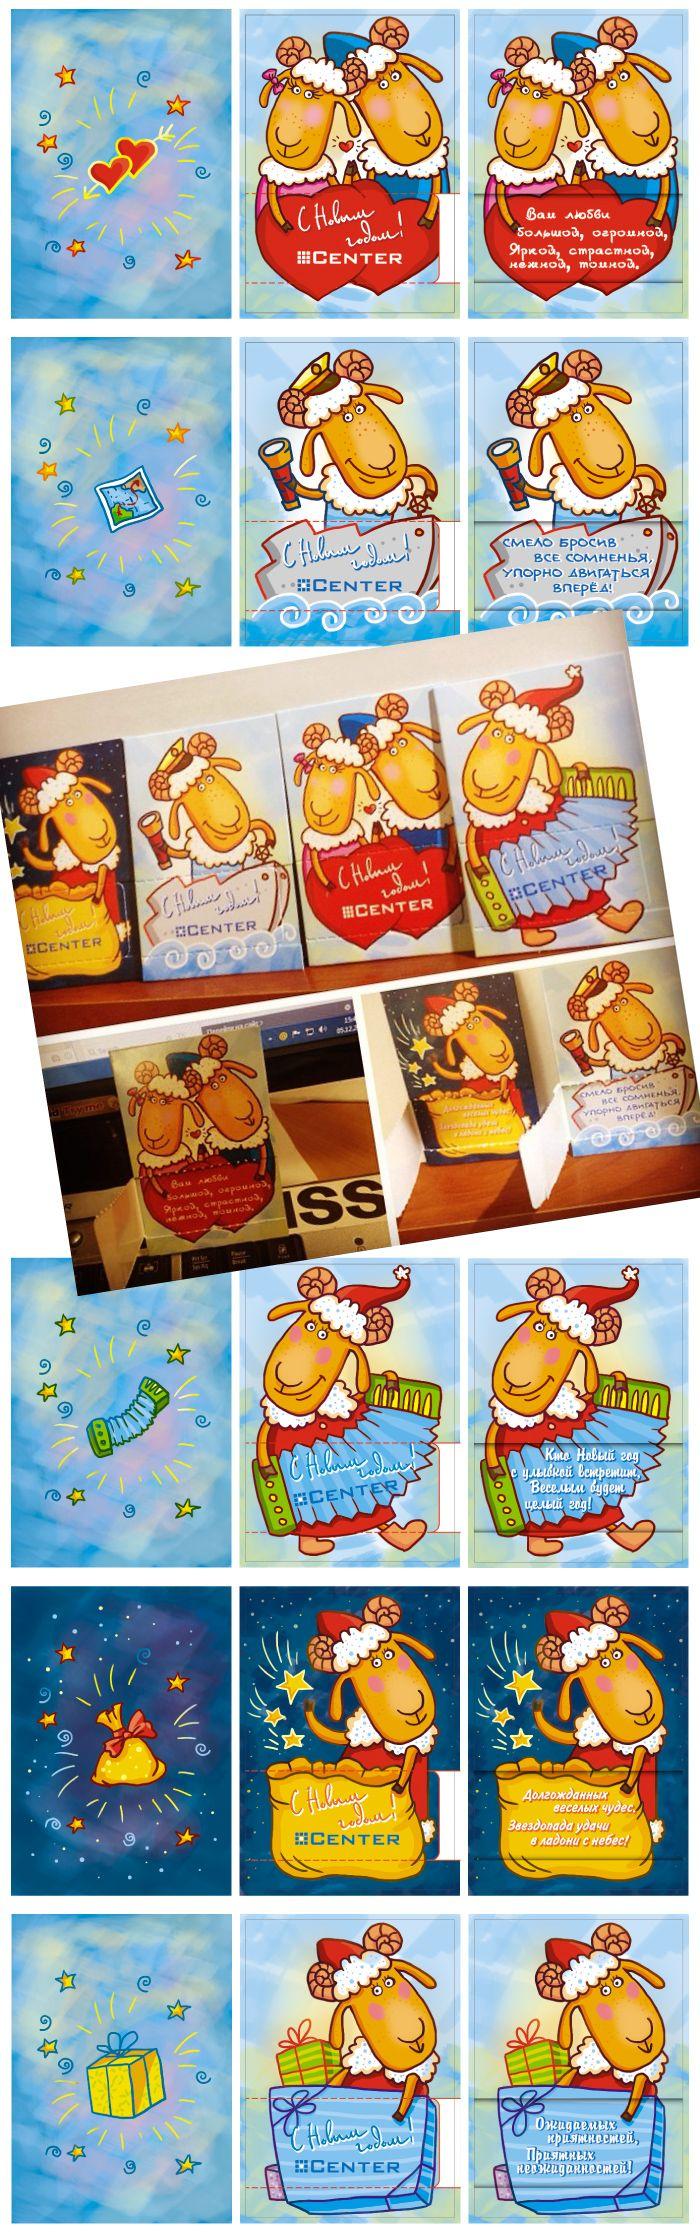 Новогодние открыточки с секретным пожеланием. New Year cards with secret messages.